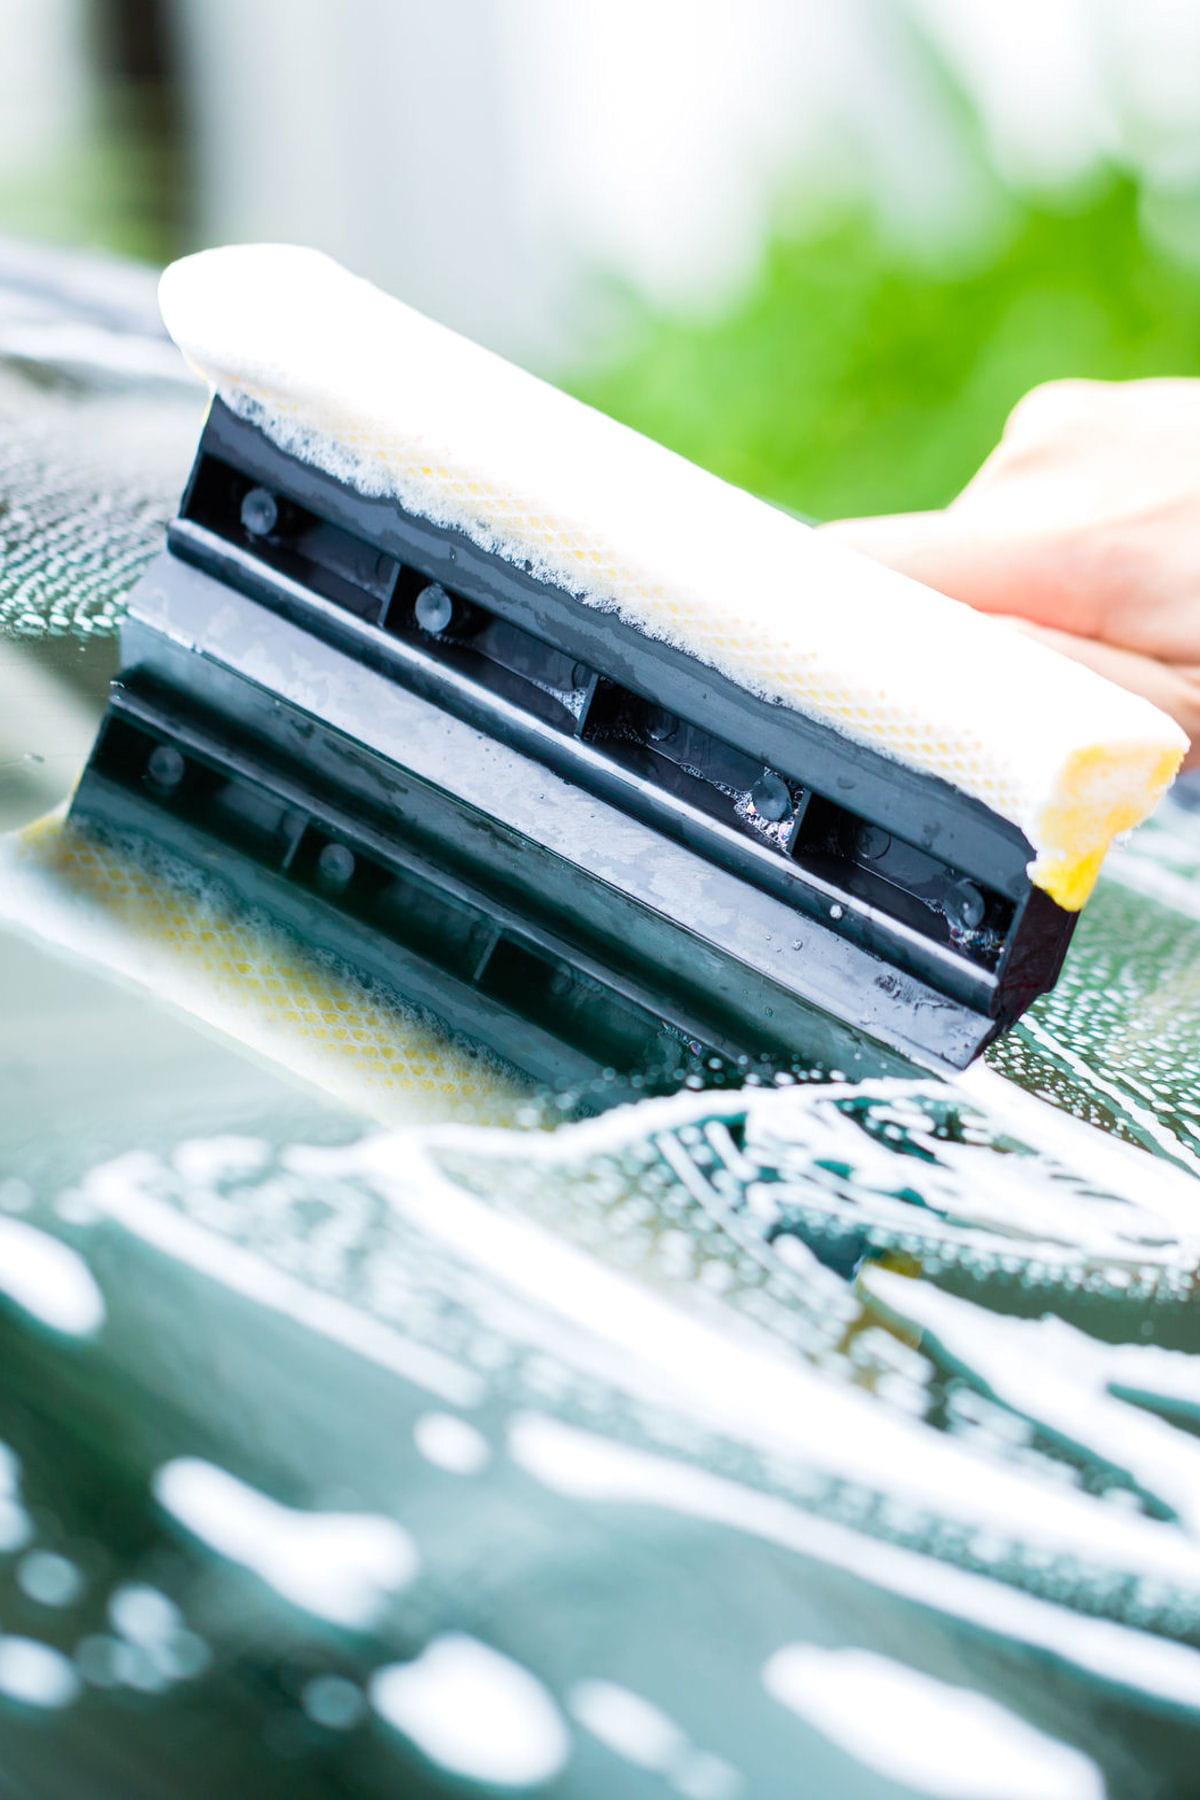 comment bien laver les vitres et le pare-brise de votre voiture ?